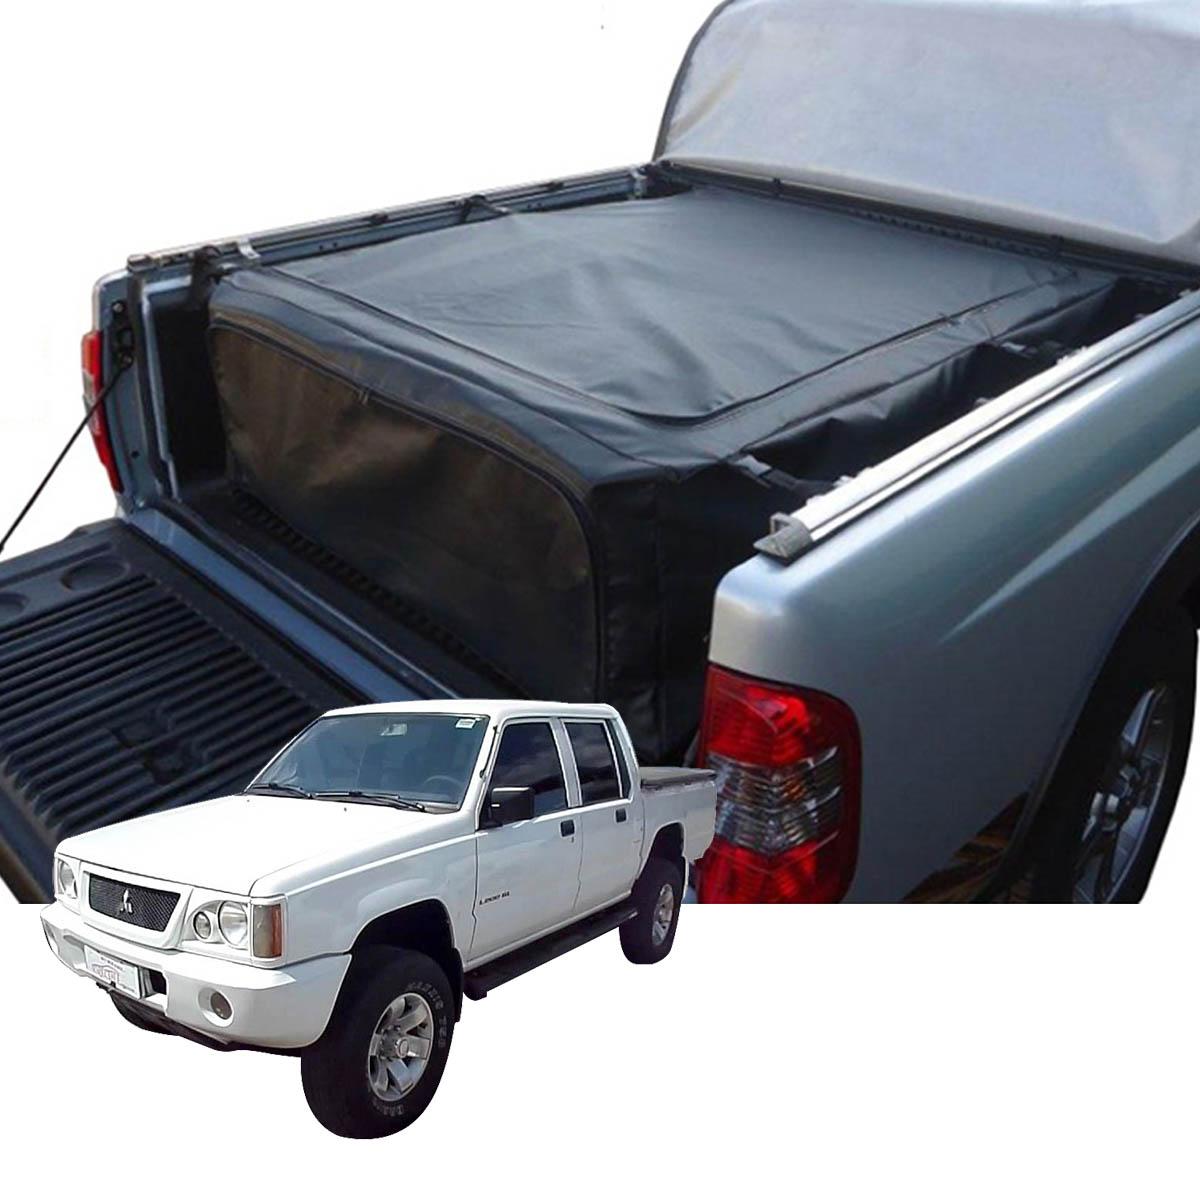 Bolsa ca�amba estendida horizontal L200 GL 1999 a 2005 ou L200 GLS 1999 a 2007